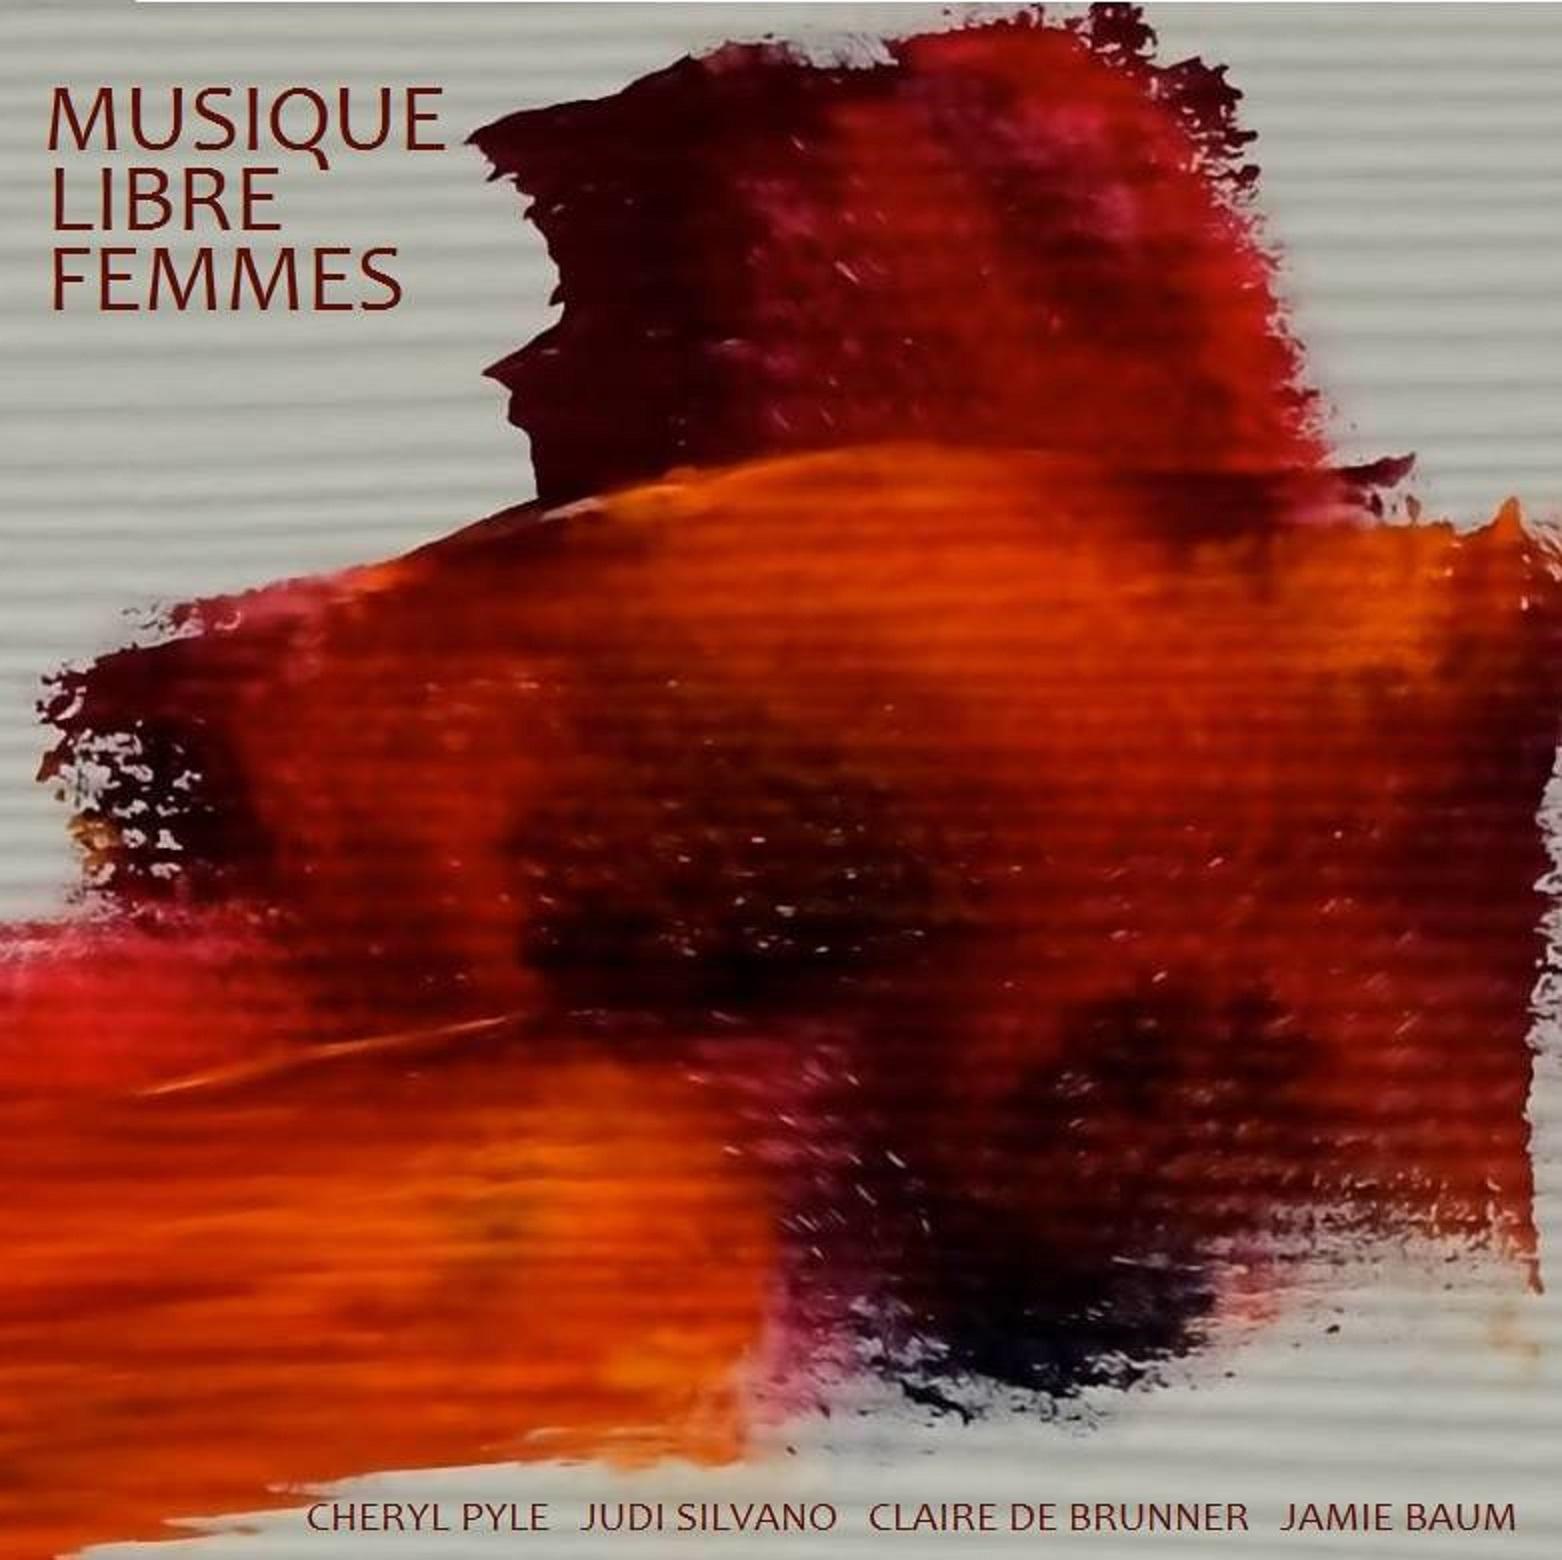 Musique Libre Femmes